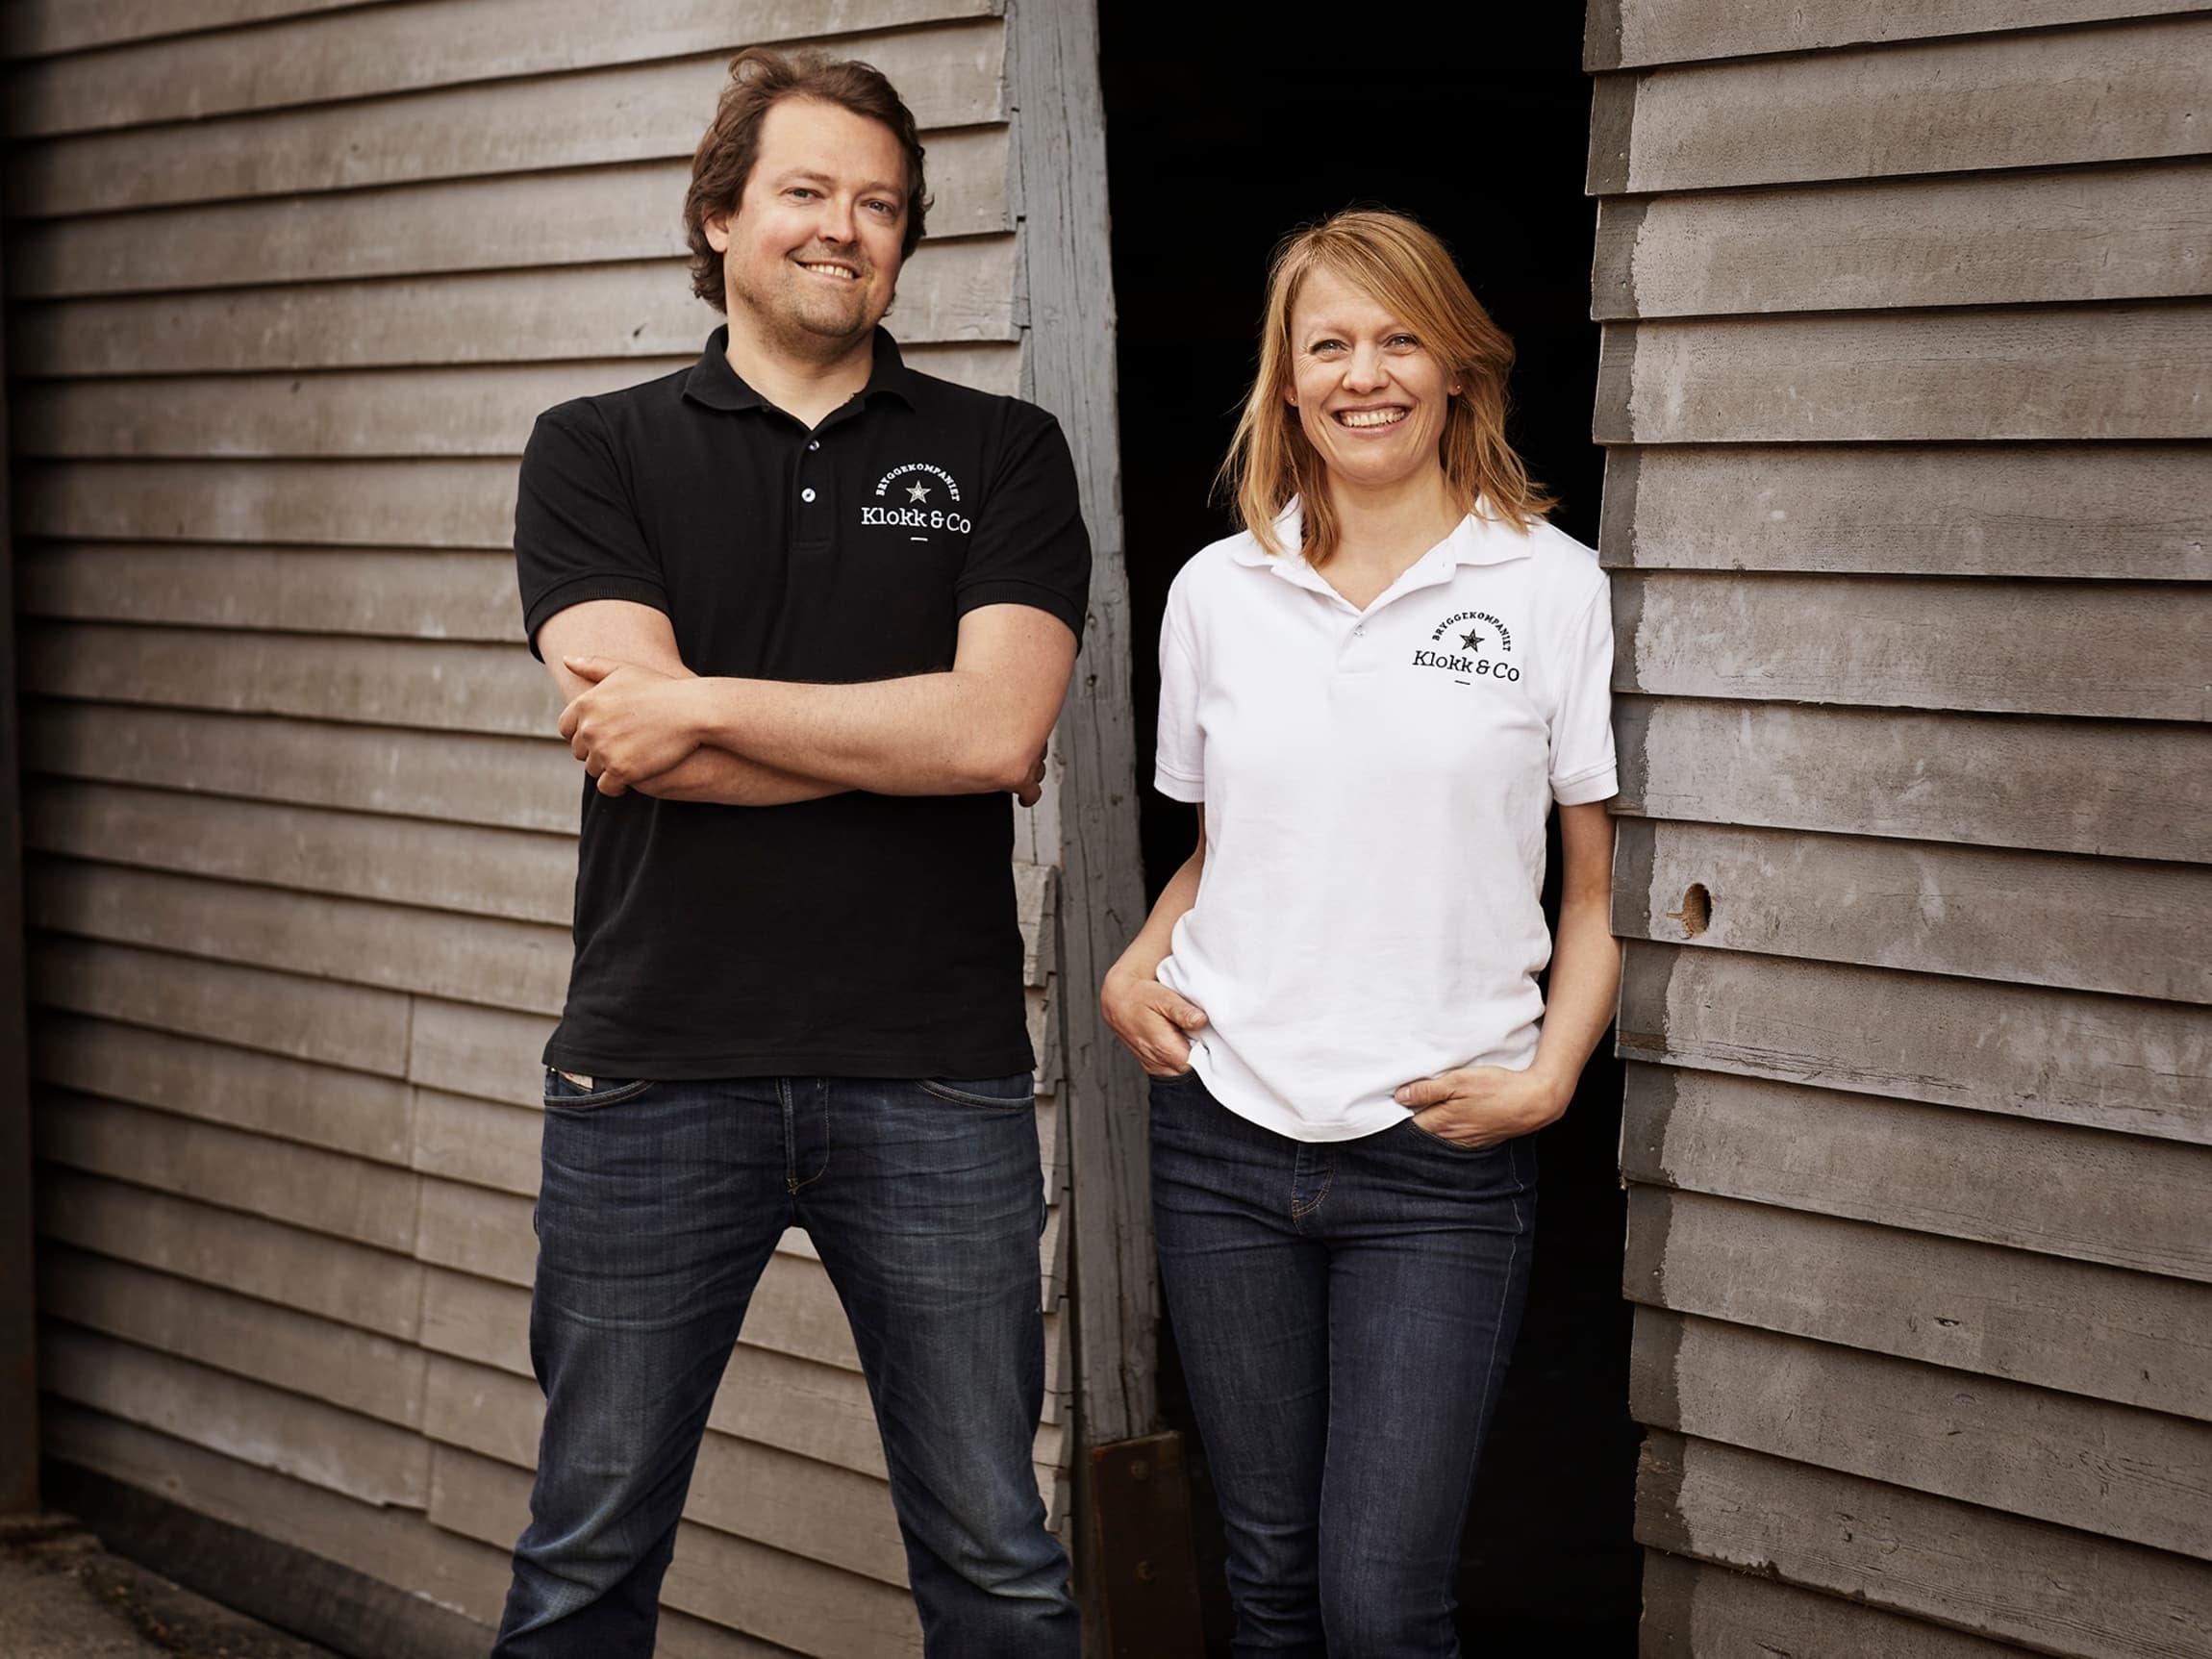 Leif Klokk og Kristine Lund står bak Klokk & Co og har fått mye oppmerksomhet for sitt alkoholfrie øl.